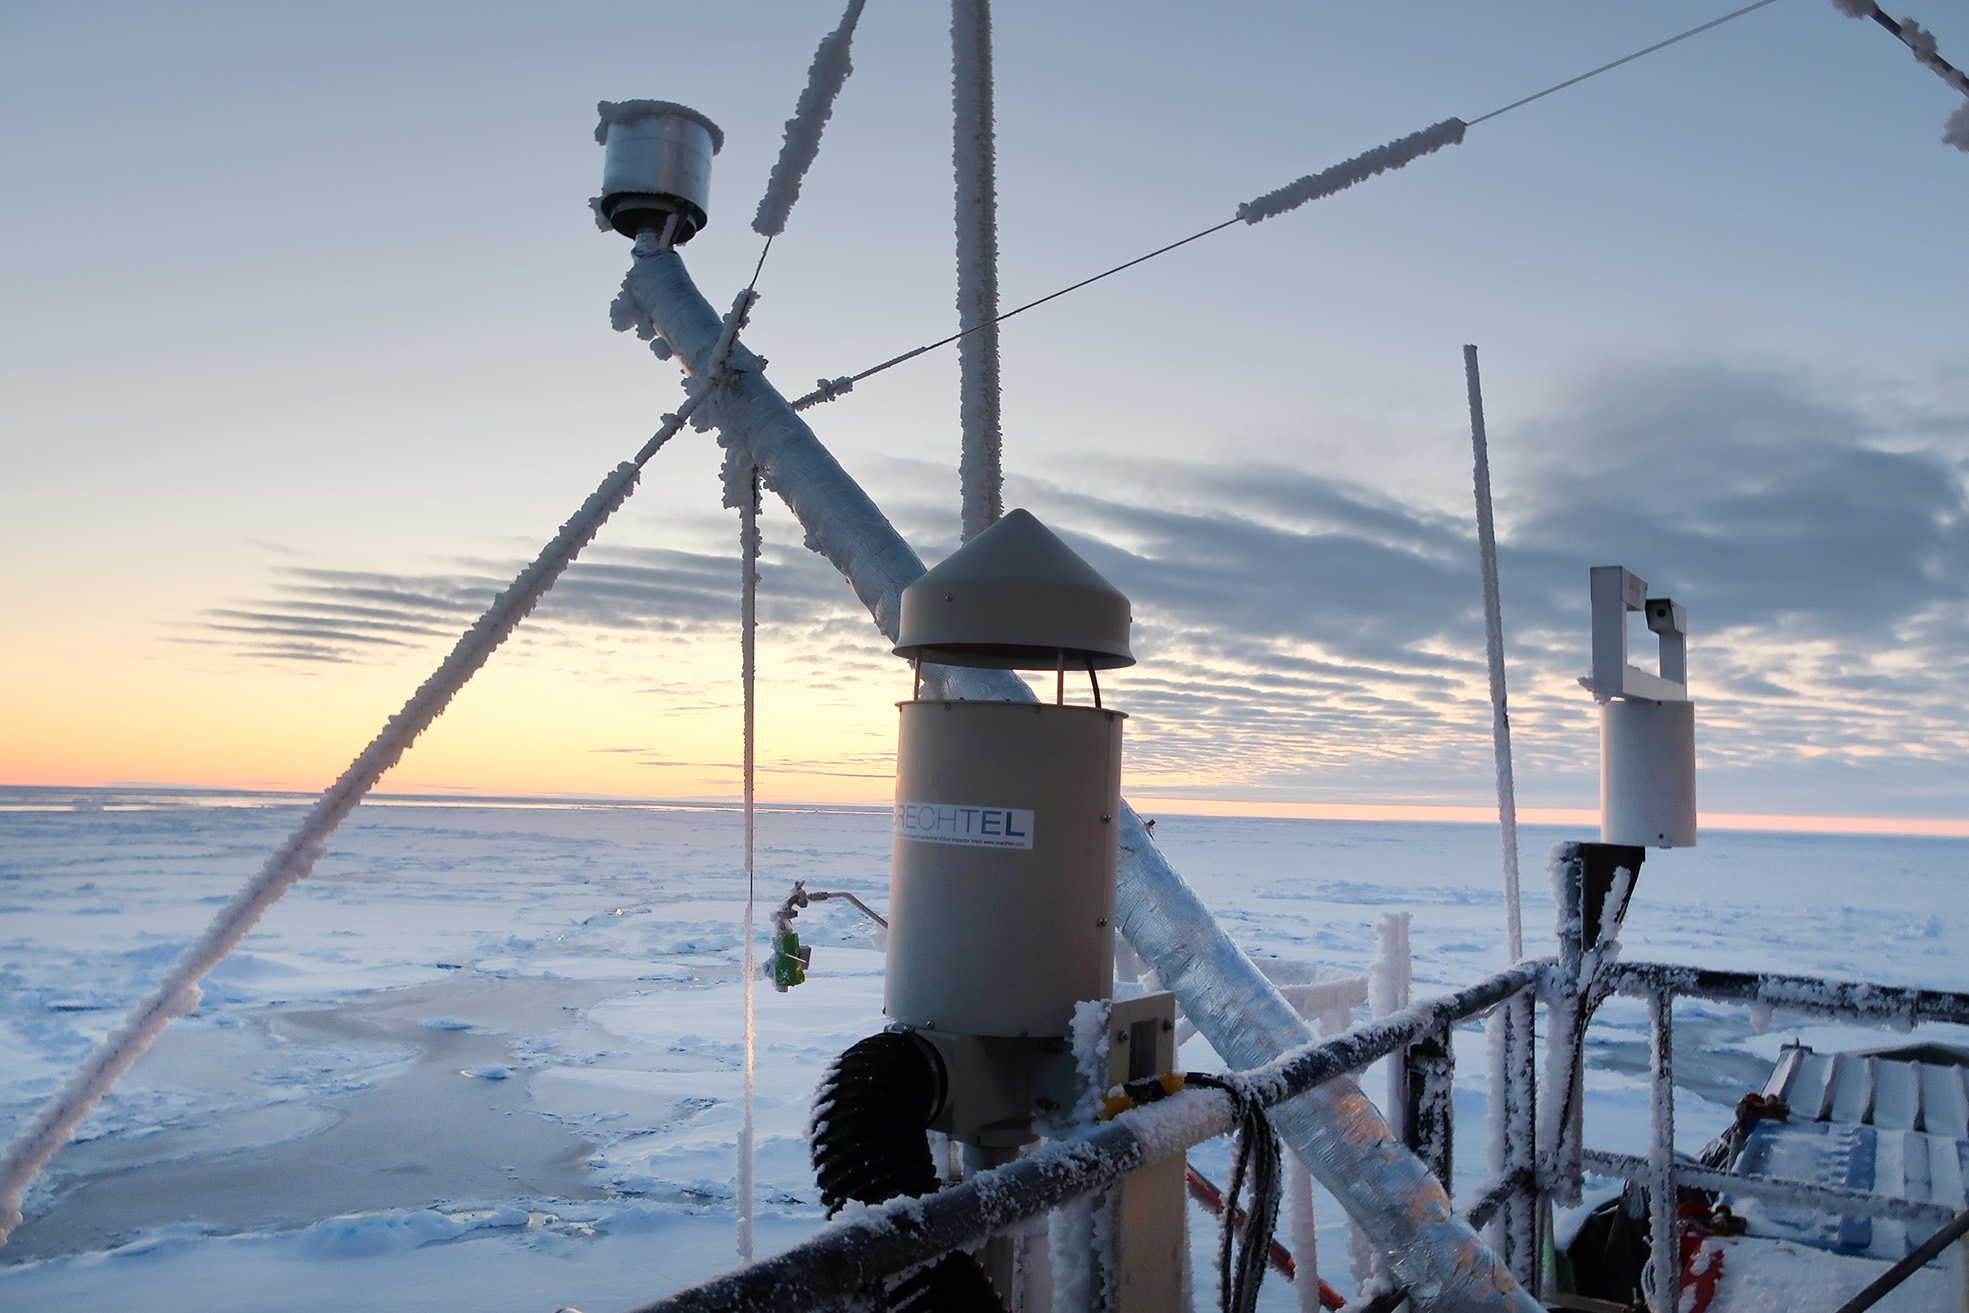 Instrument för att fånga in luft installerade på Odens fjärde däck. Genom olika luftinsläpp togs prover på aerosolpartiklar, molndroppar och iskristaller. Foto: Paul Zieger